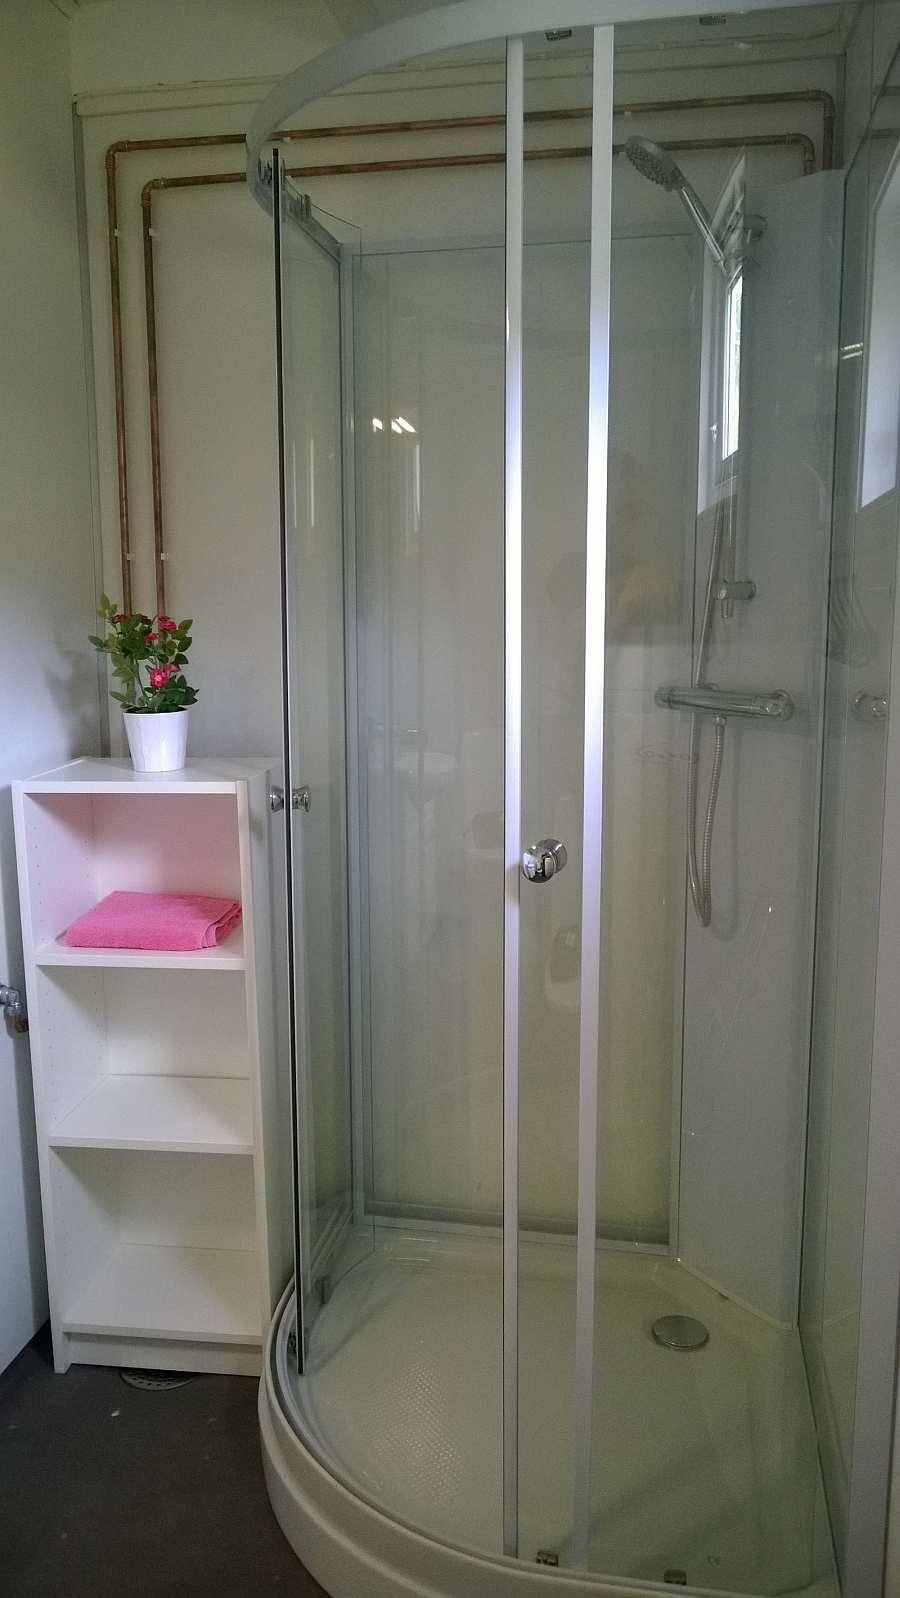 Das Badezimmer des Hauses mit Dusche